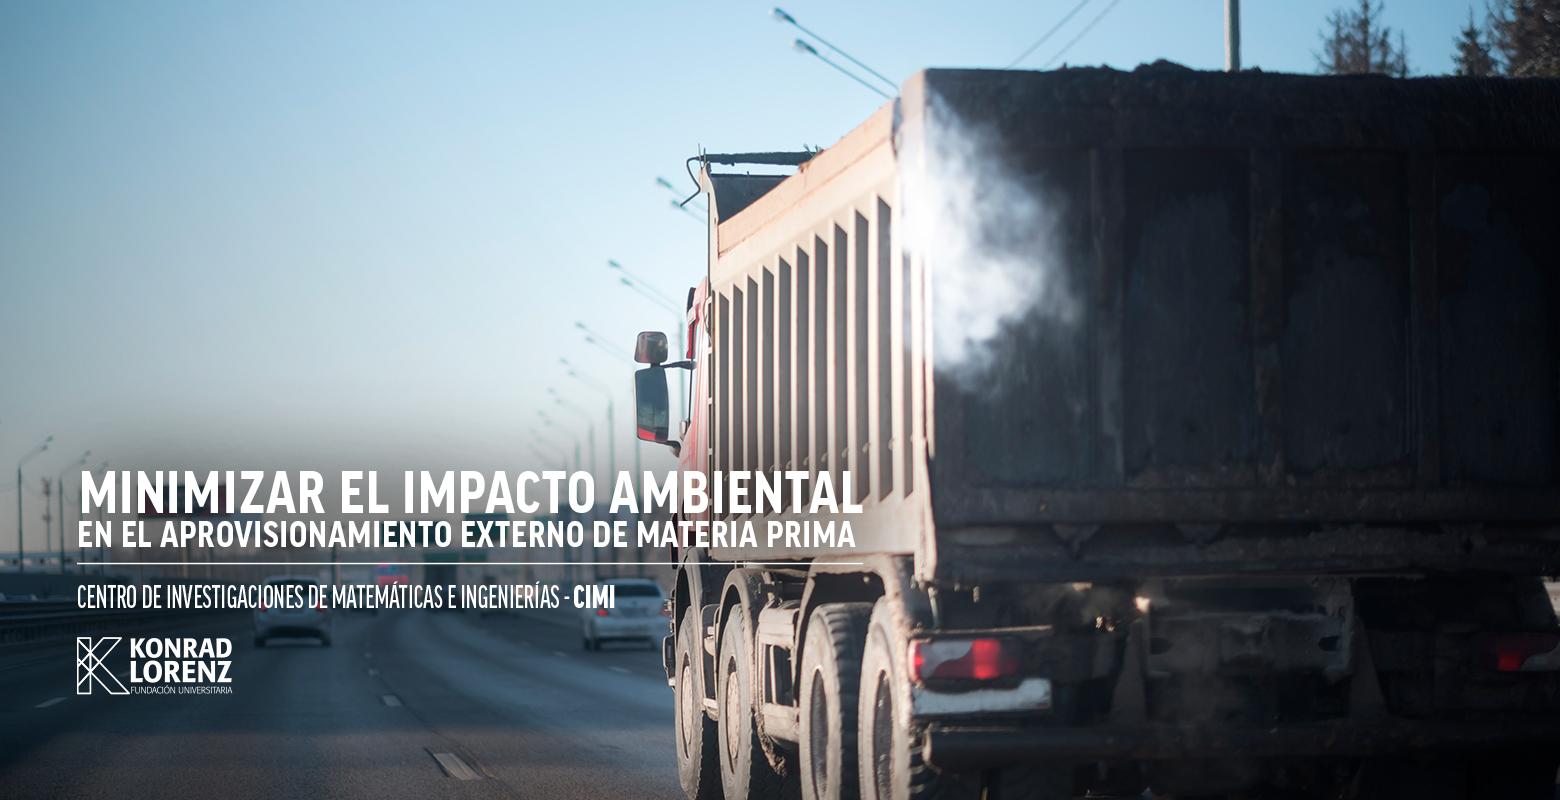 Mininizar el impacto ambiental del aprovisamiento externo de materia prima